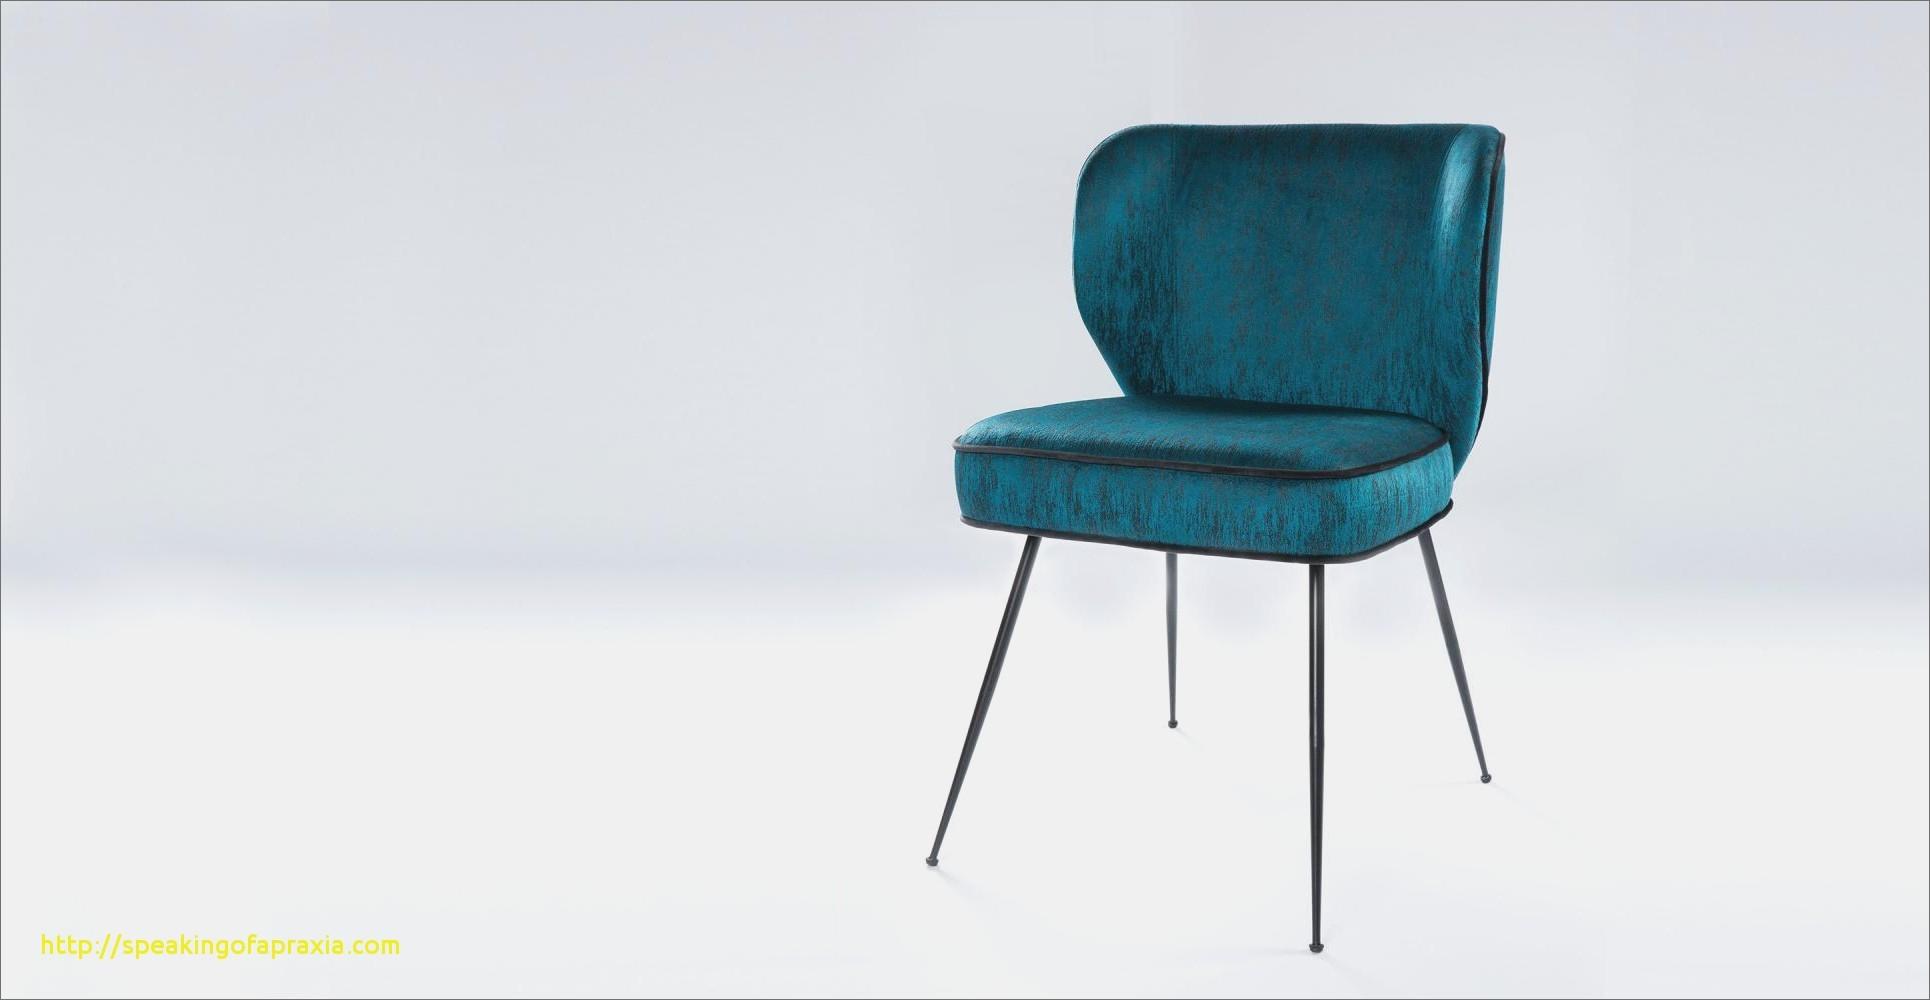 Abri De Jardin Carrefour Inspirant Galerie Table Et Chaise Pliante Chaise Pliante Carrefour Canape Carrefour 0d